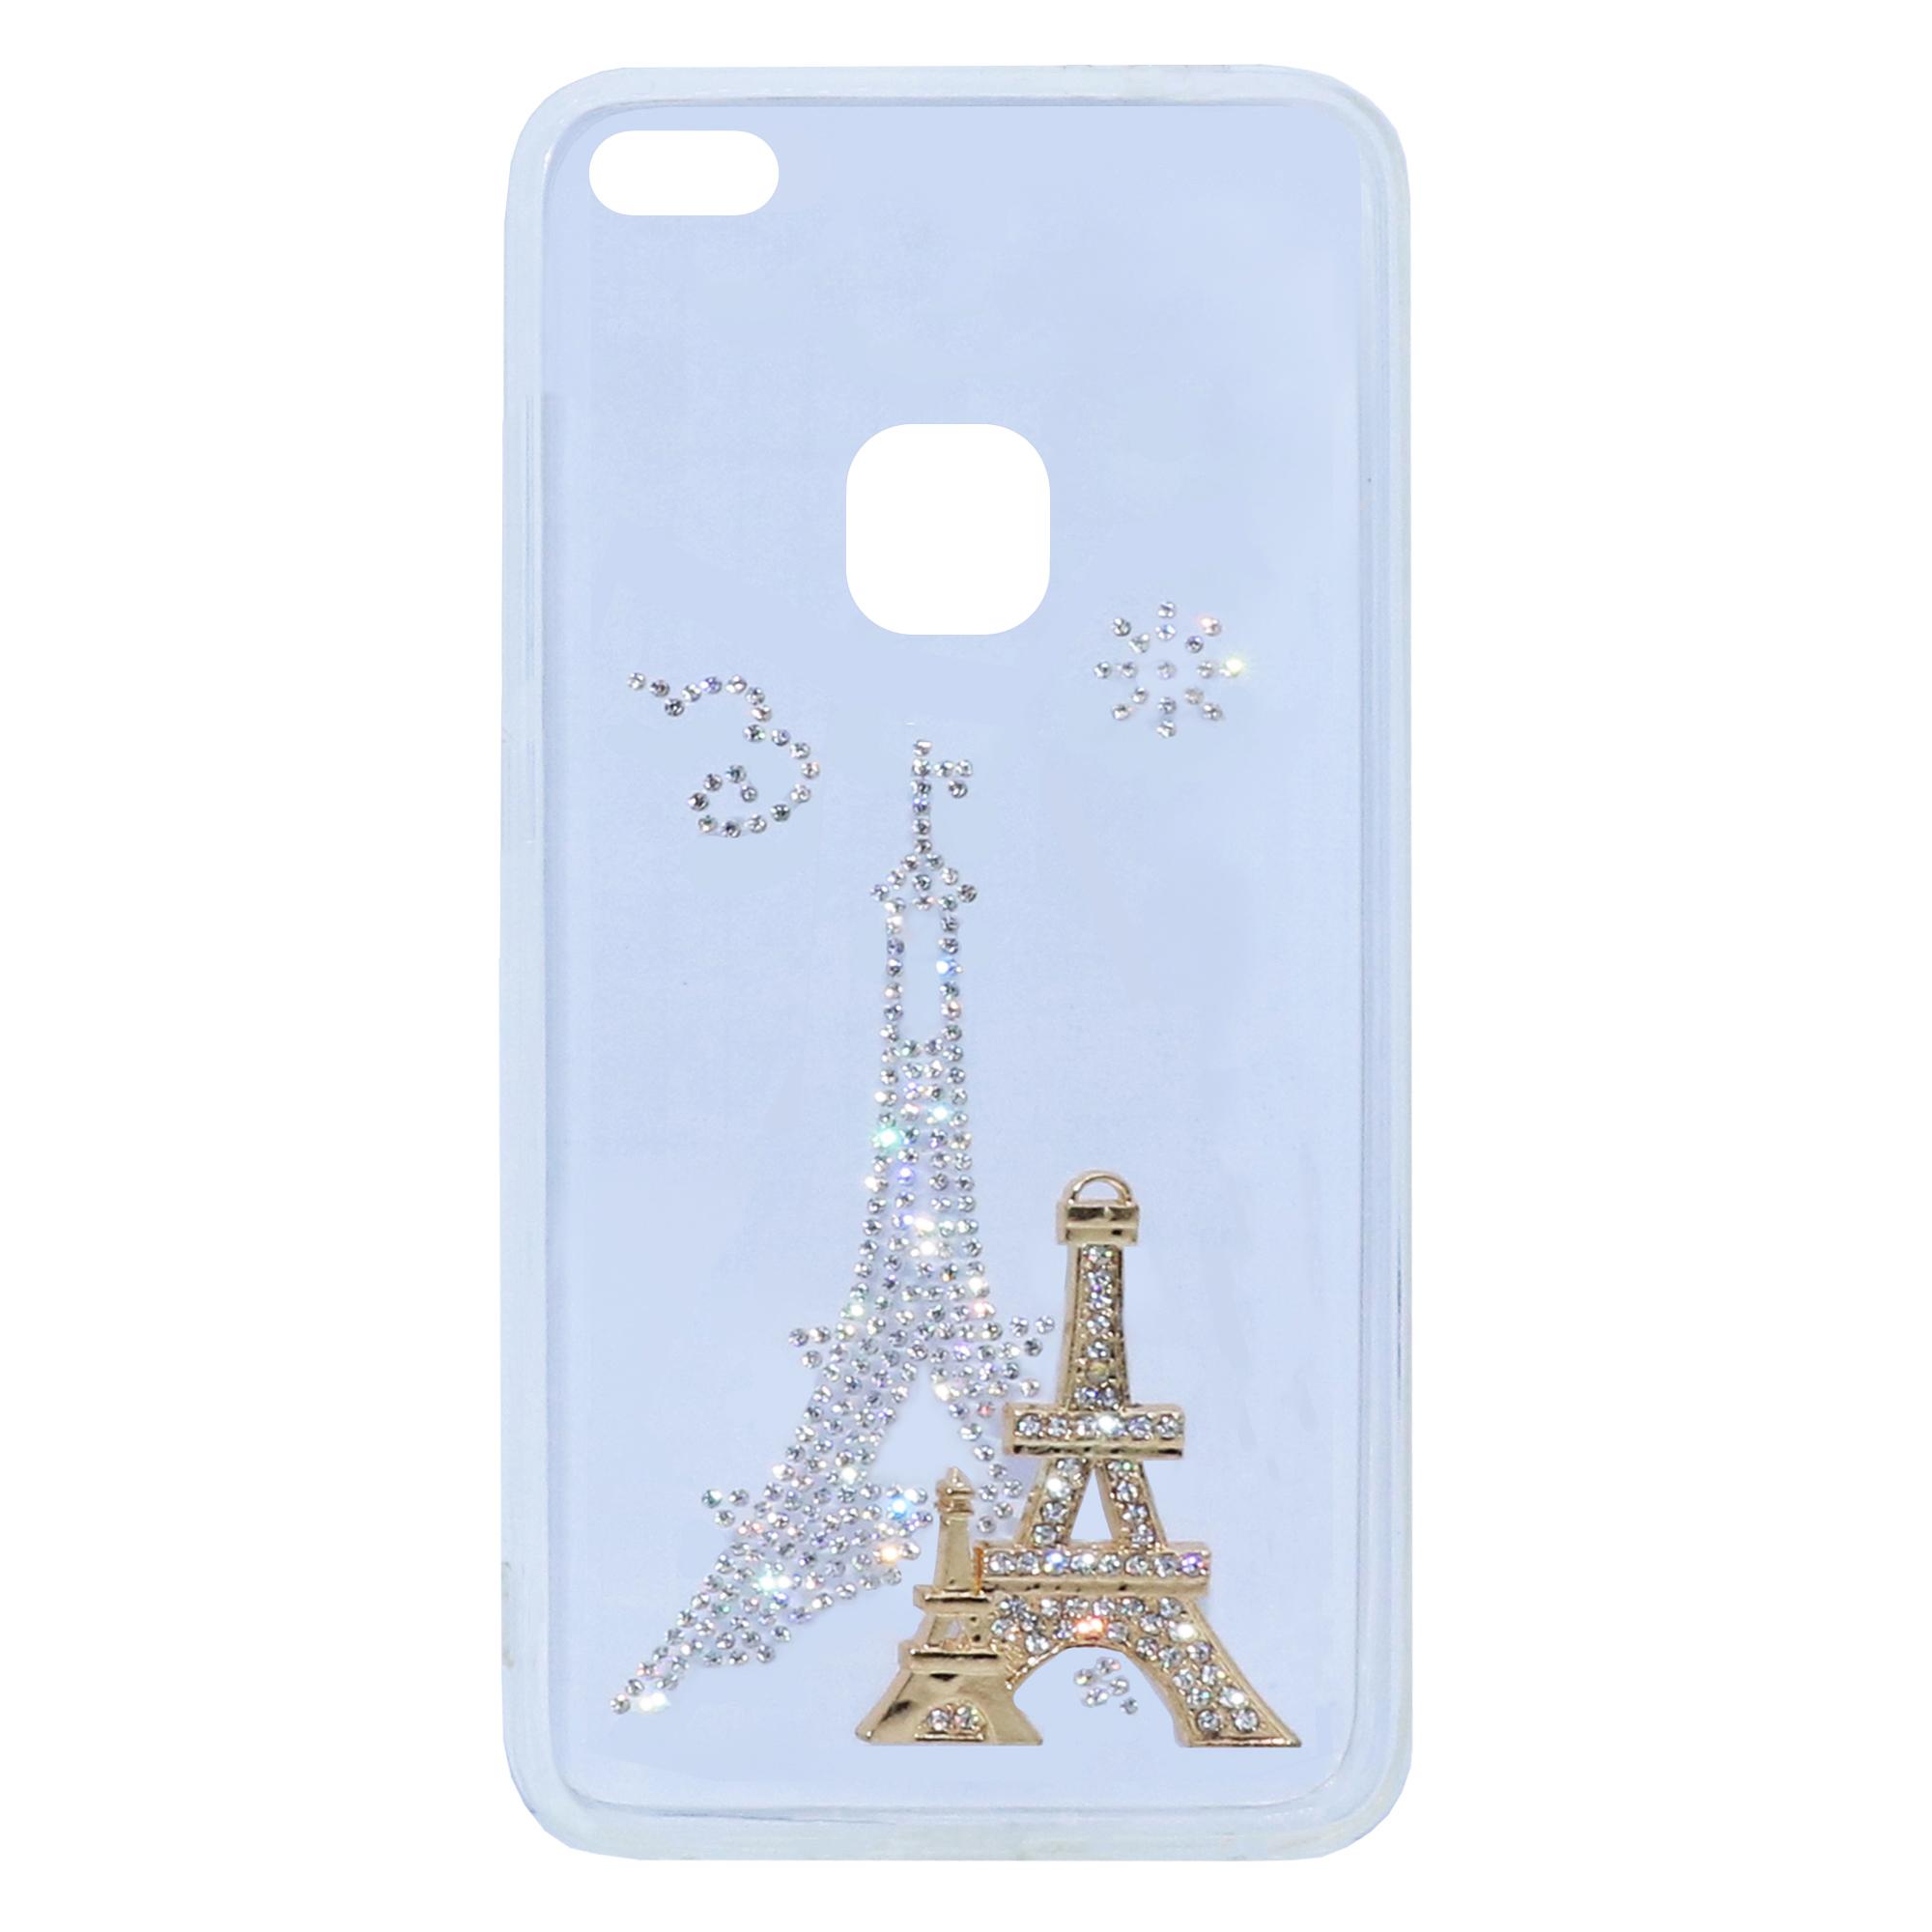 کاور گود طرح Eiffel مدل g-1 مناسب برای گوشی موبایل هوآوی P10 Lite              ( قیمت و خرید)